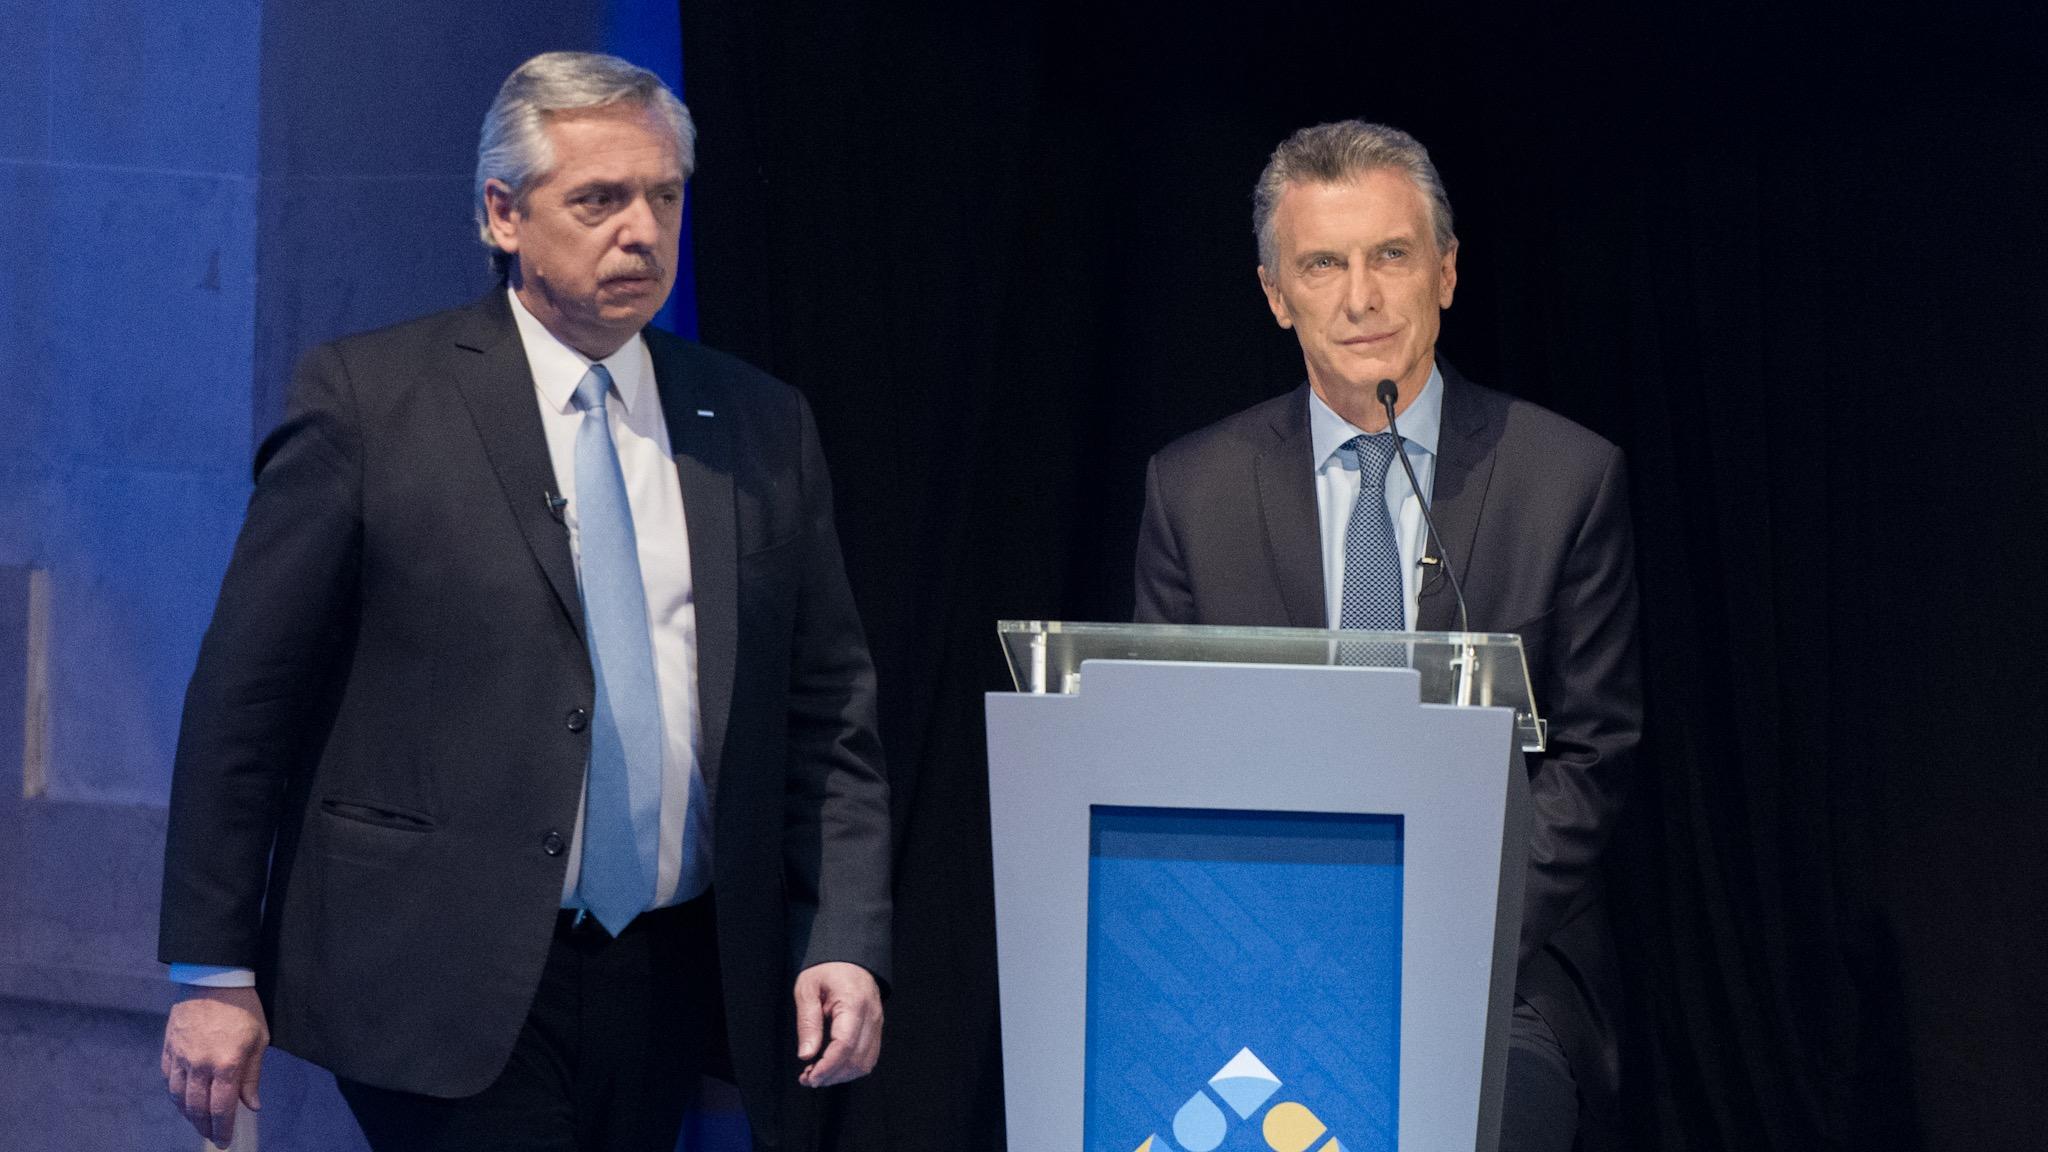 Alberto Fernández cruza por delante de Mauricio Macri en el inicio el debate